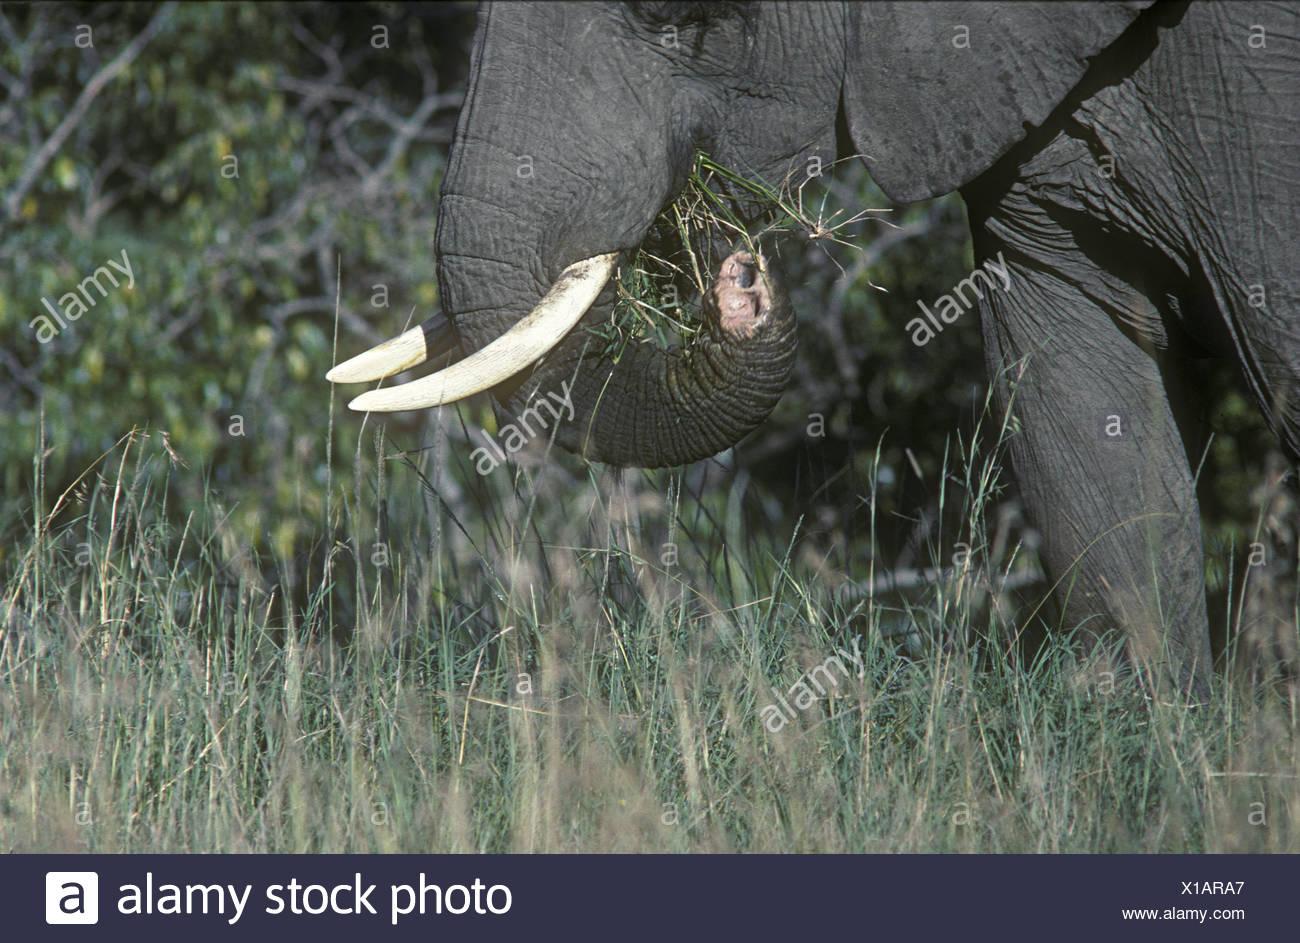 Con elefante ferito tronco tagliato danneggiato da parte dei bracconieri filo laccio Masai Mara riserva nazionale del Kenya Africa orientale Immagini Stock